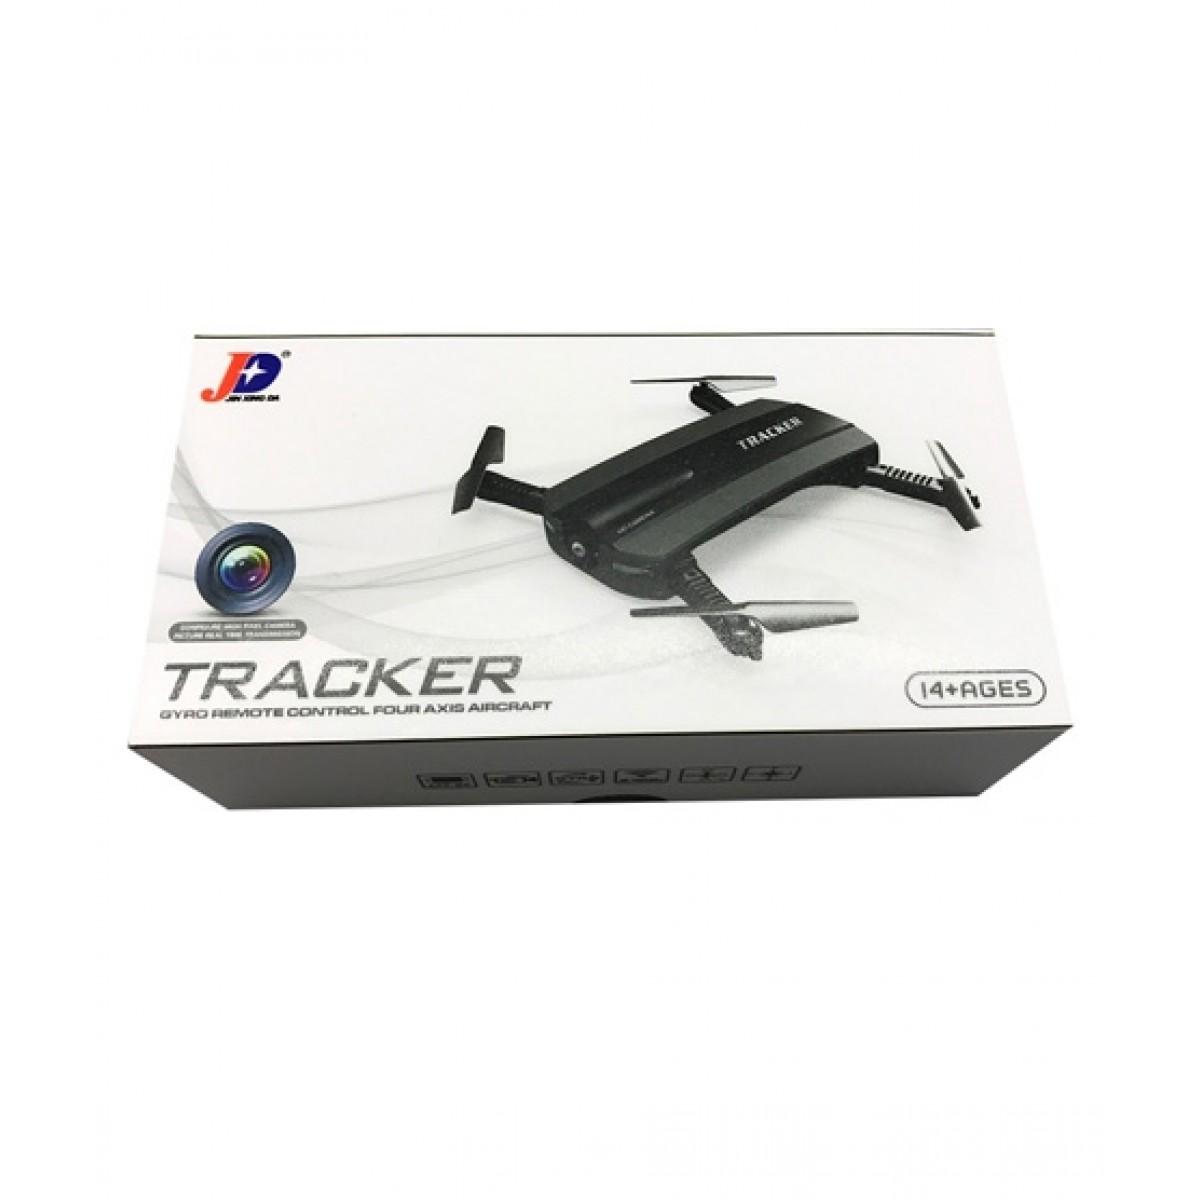 Drone Camera Price In Pakistan - drone